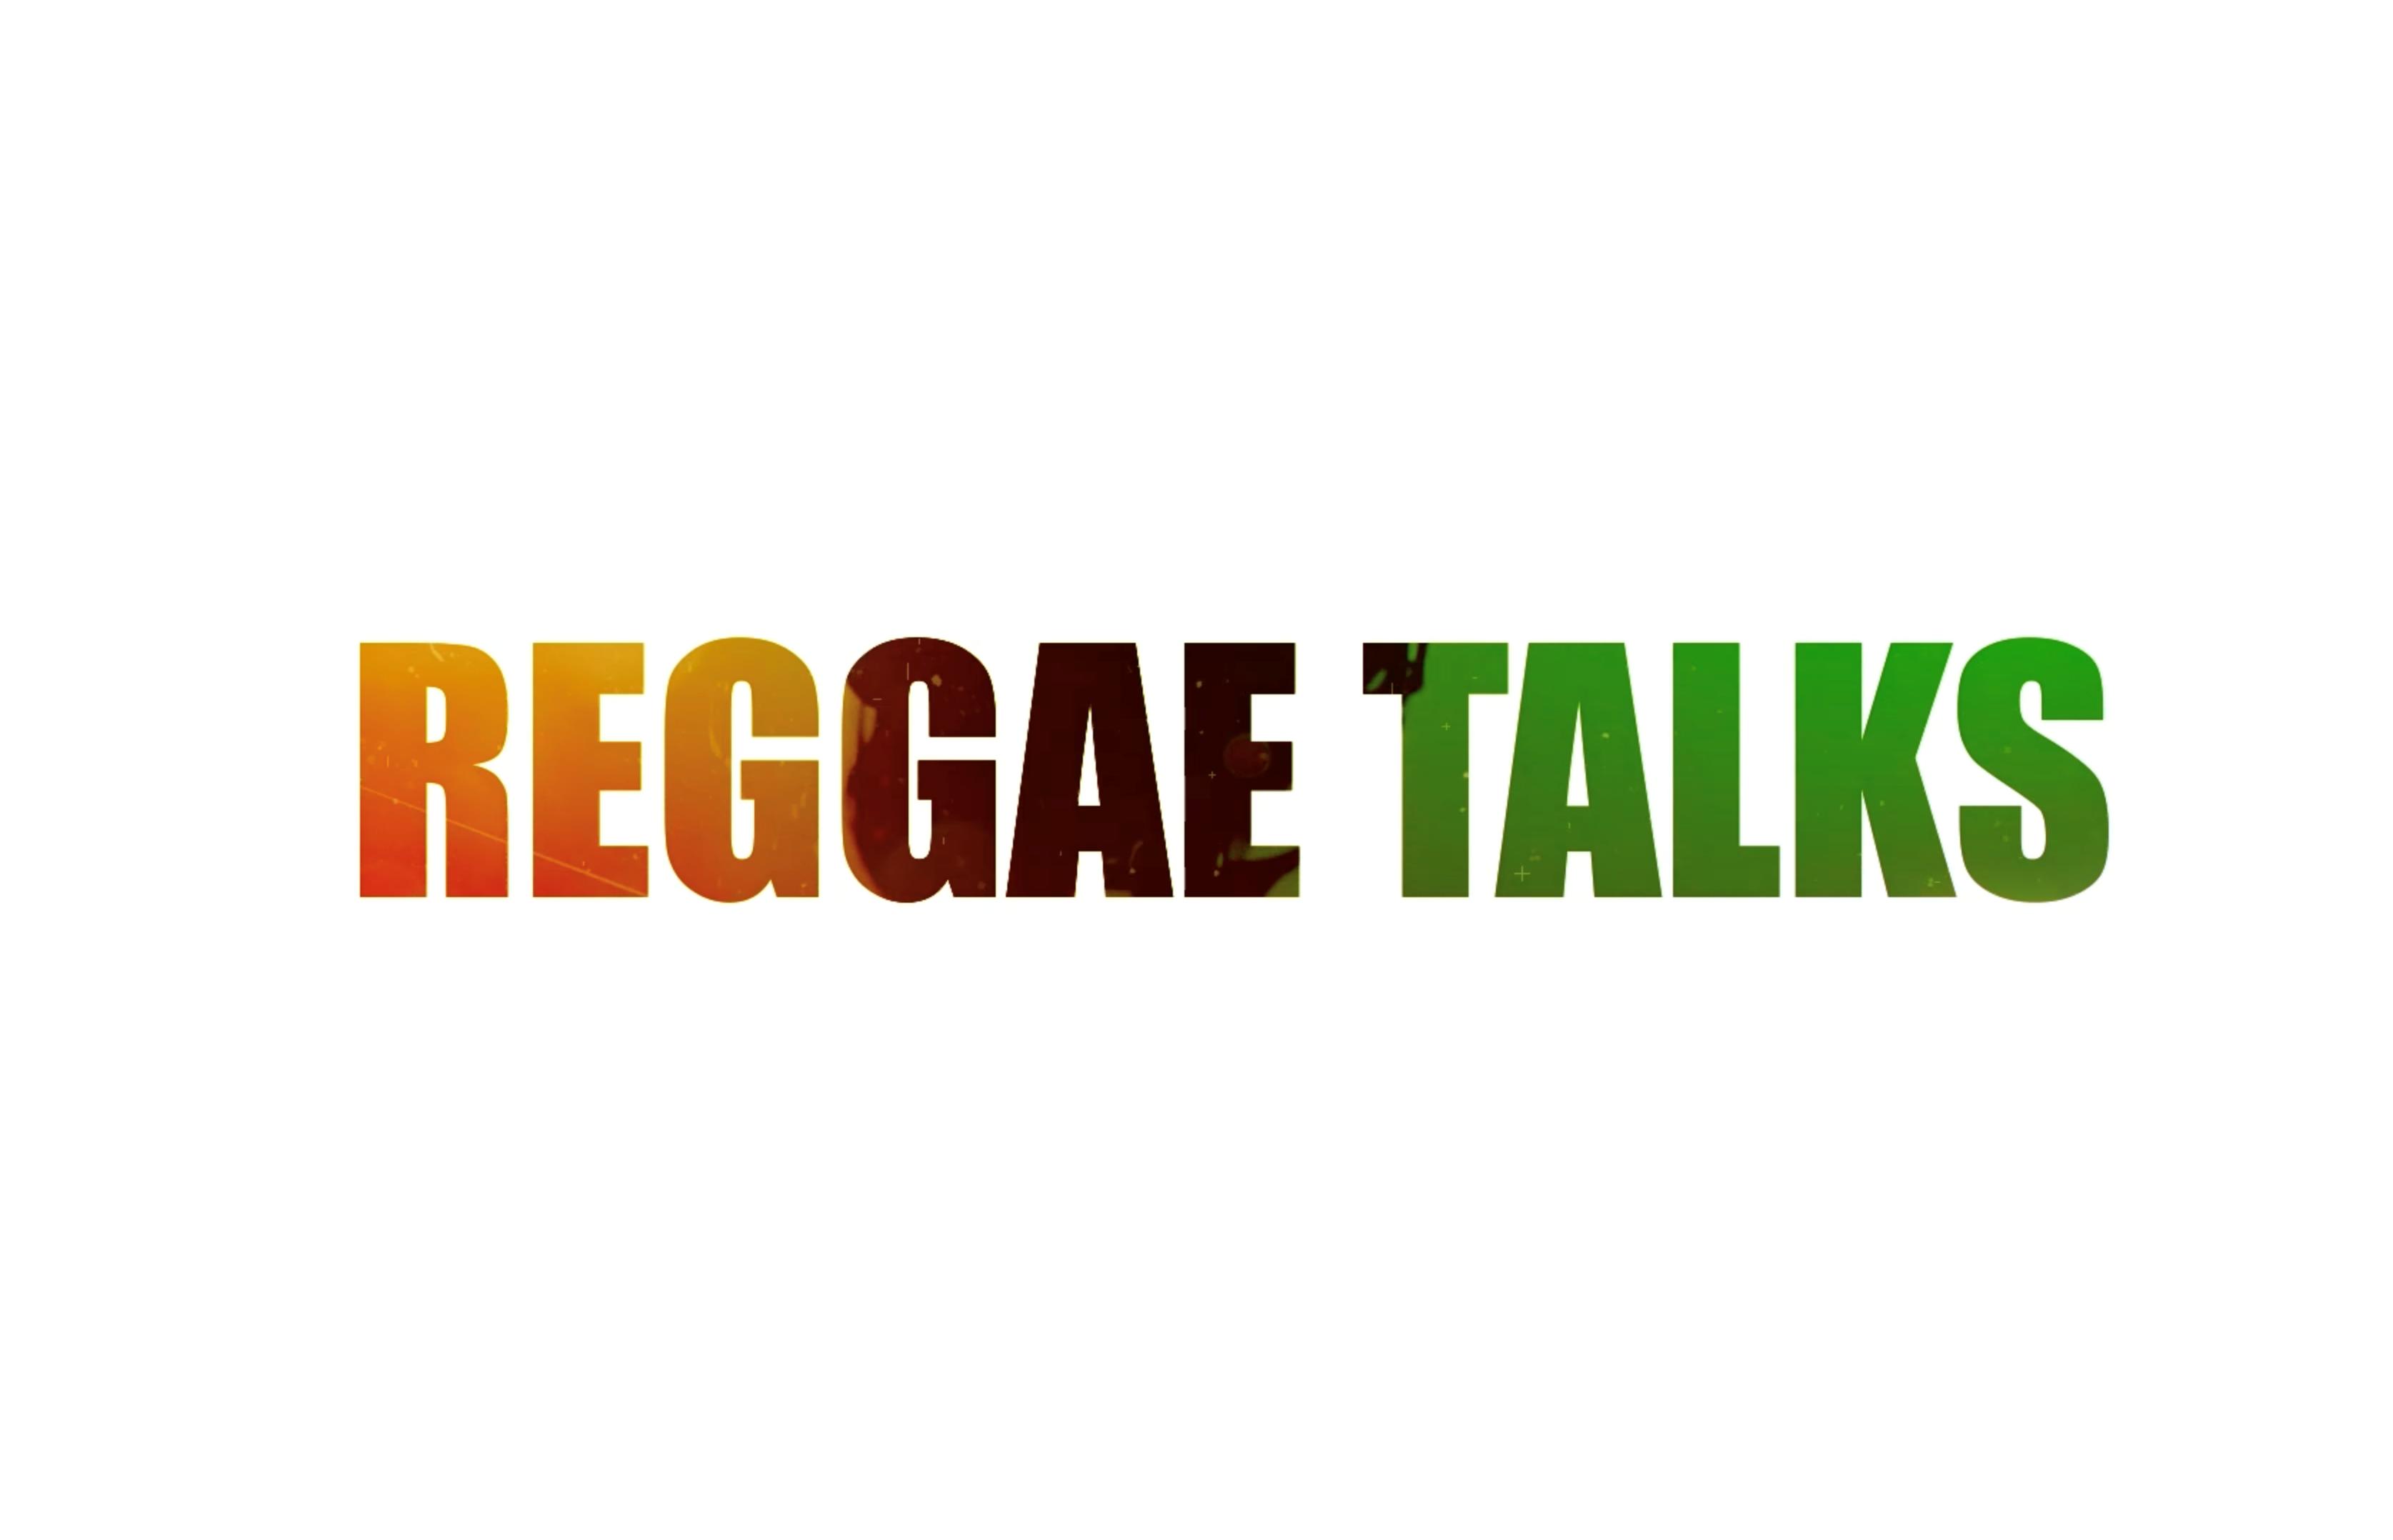 reggaer